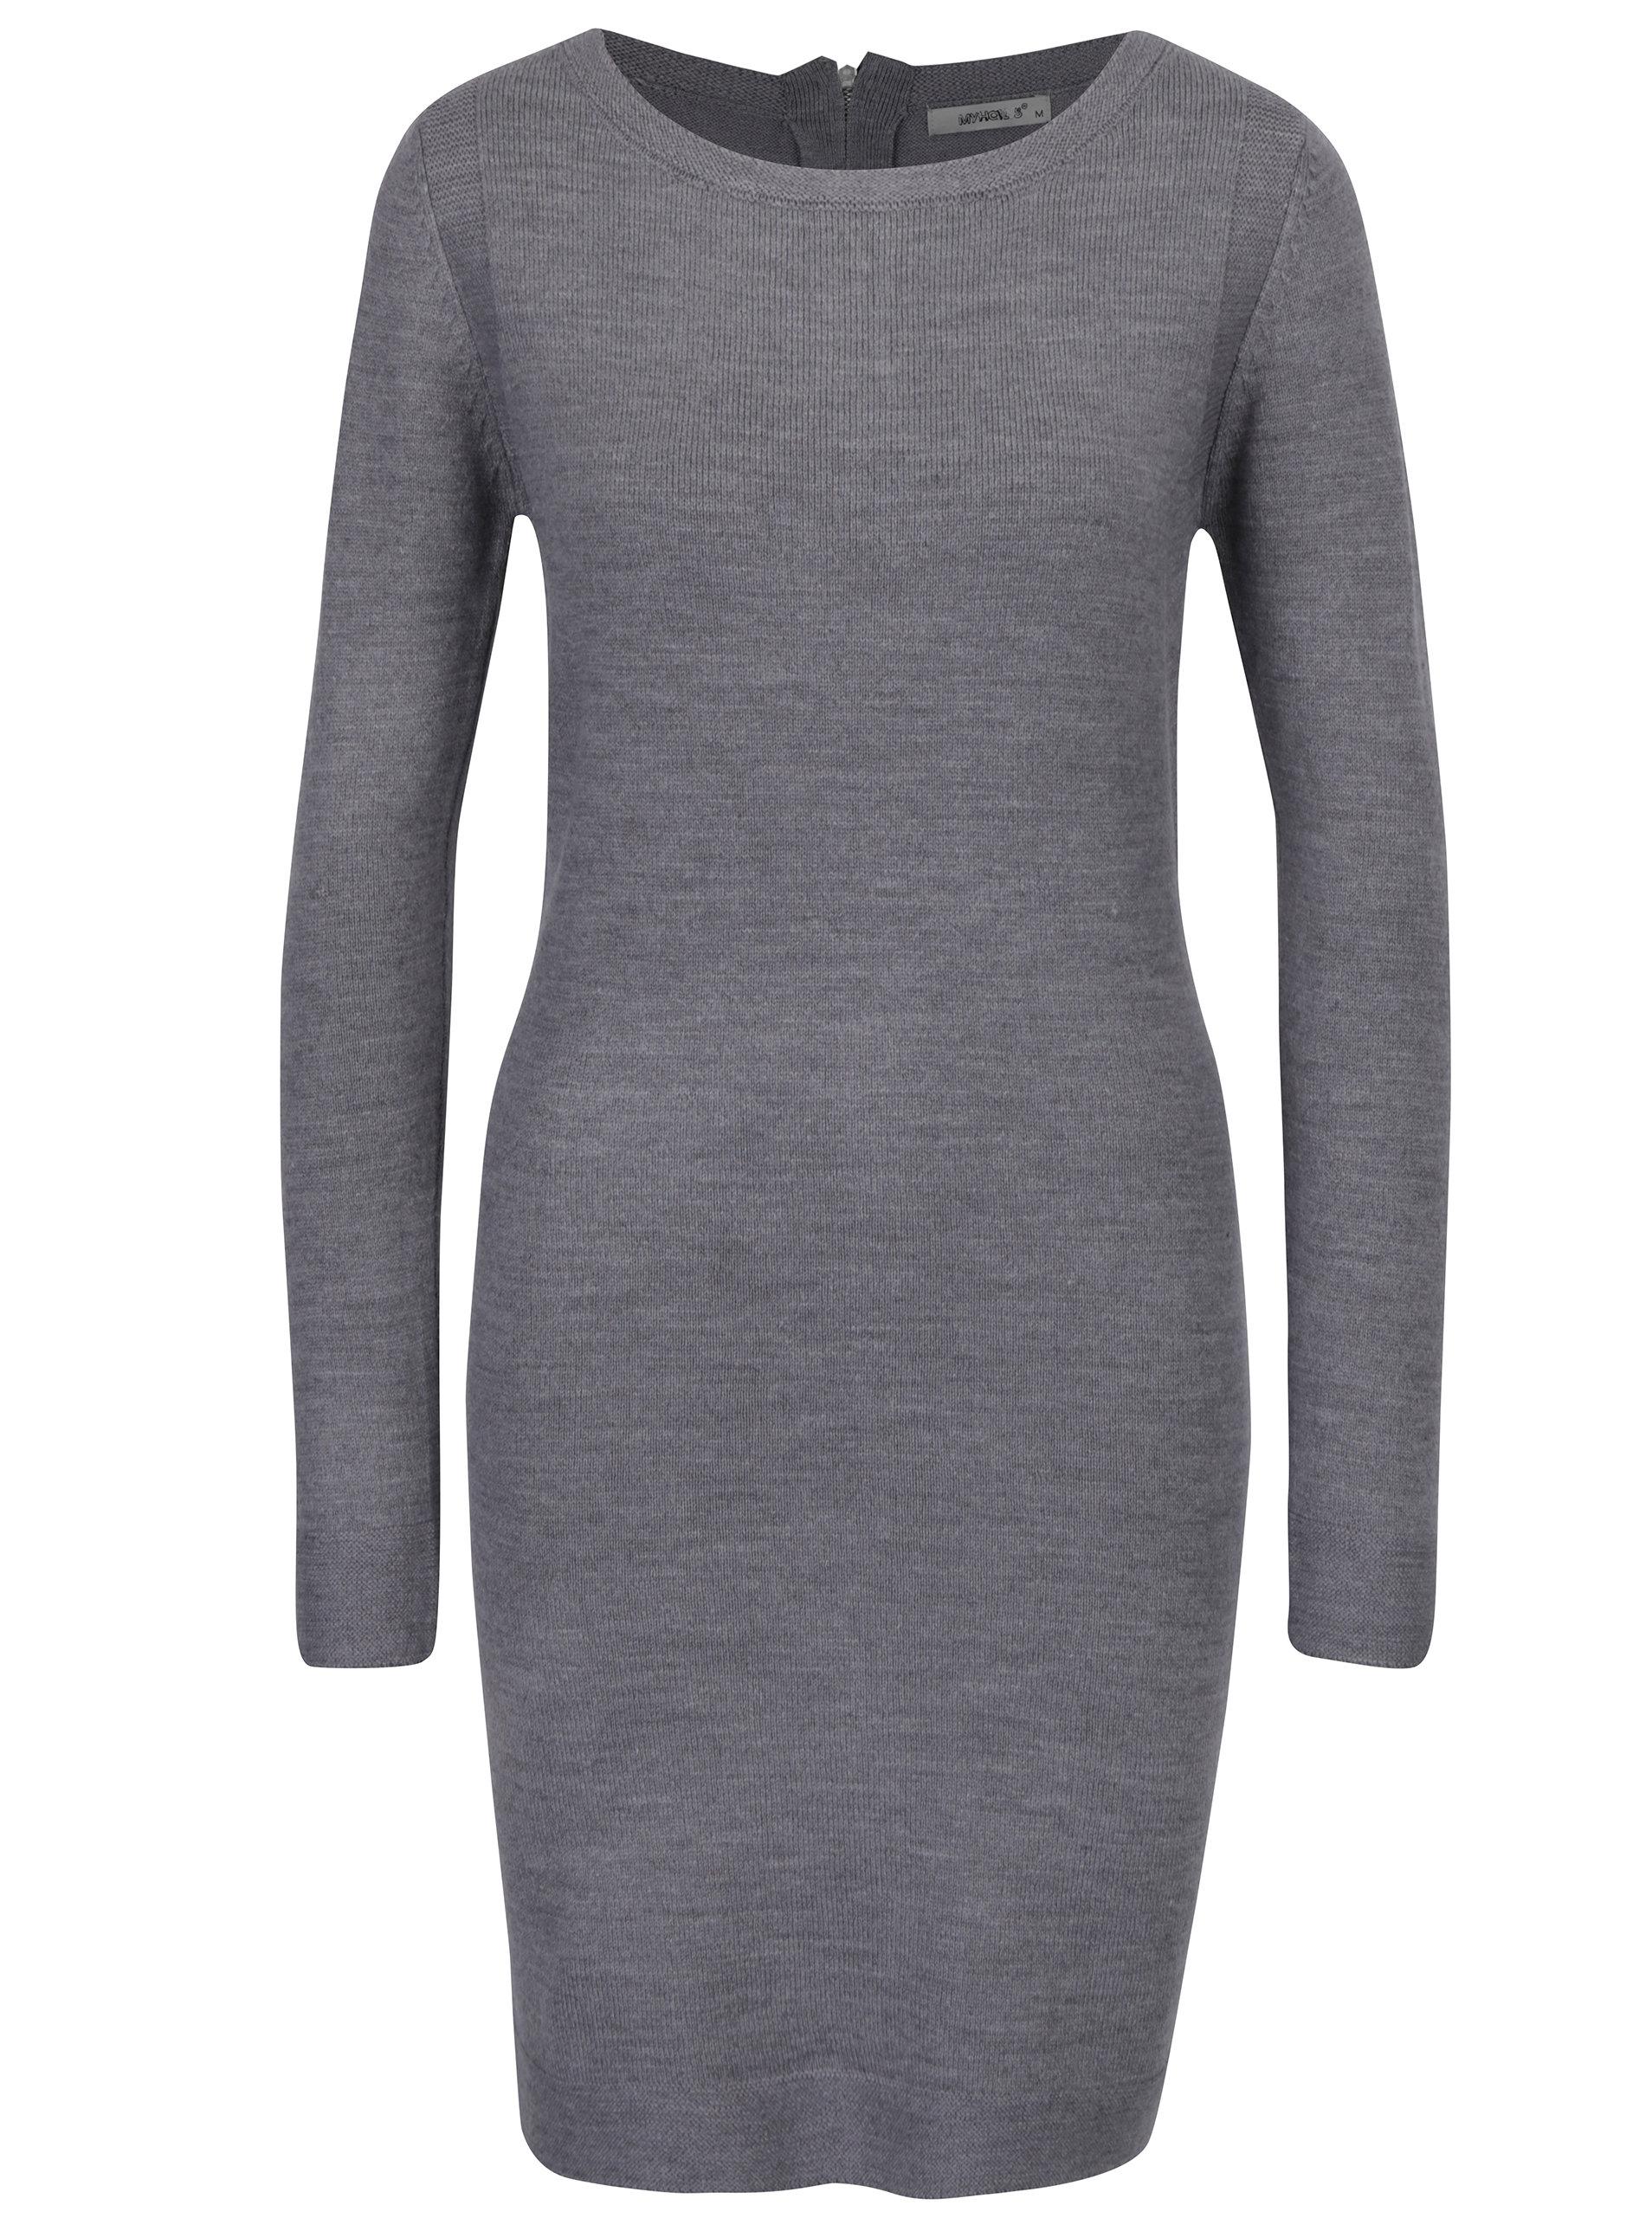 0301e476bf2 Šedé svetrové šaty s dlouhým rukávem Haily´s Naomi ...